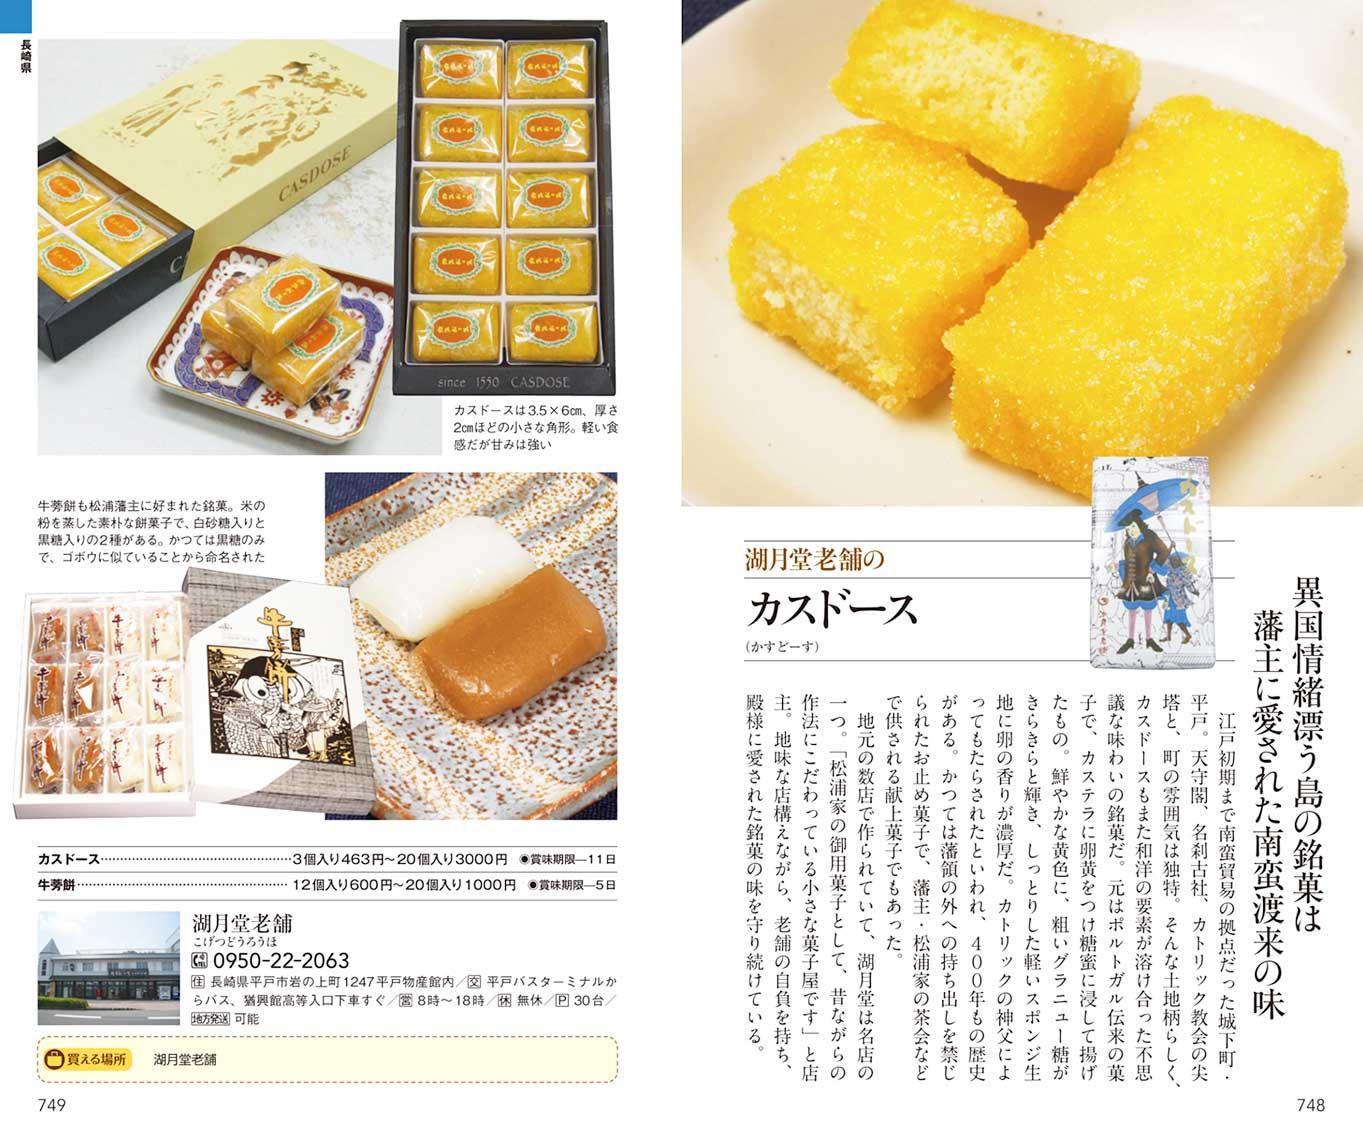 湖月堂老舗のカスドースが岸朝子さんの全国五つ星の手みやげで紹介